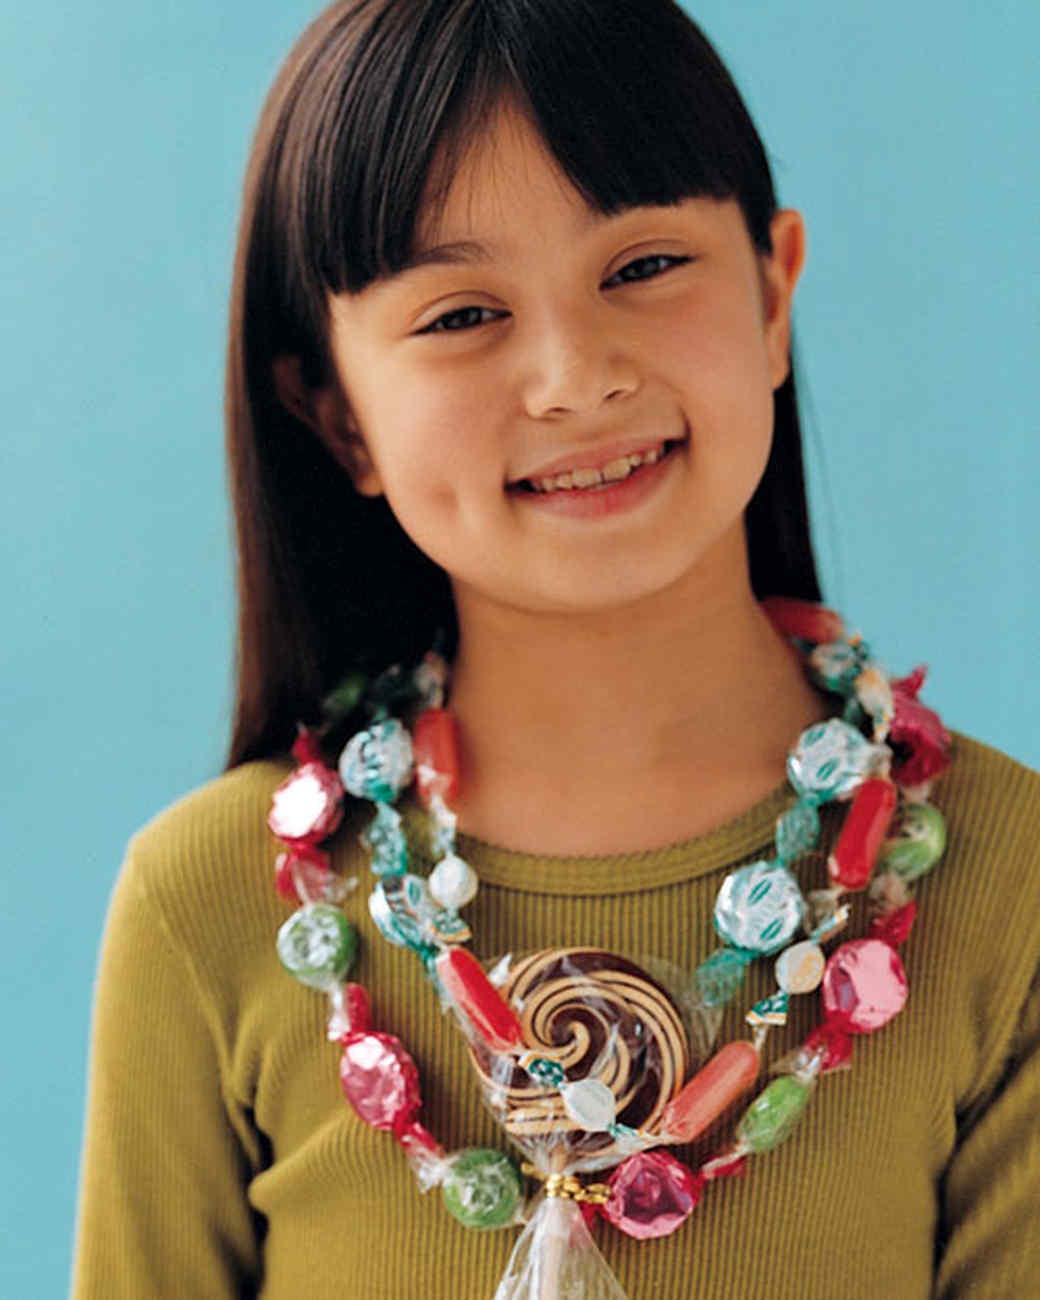 mslkids_1003_candy_necklace.jpg